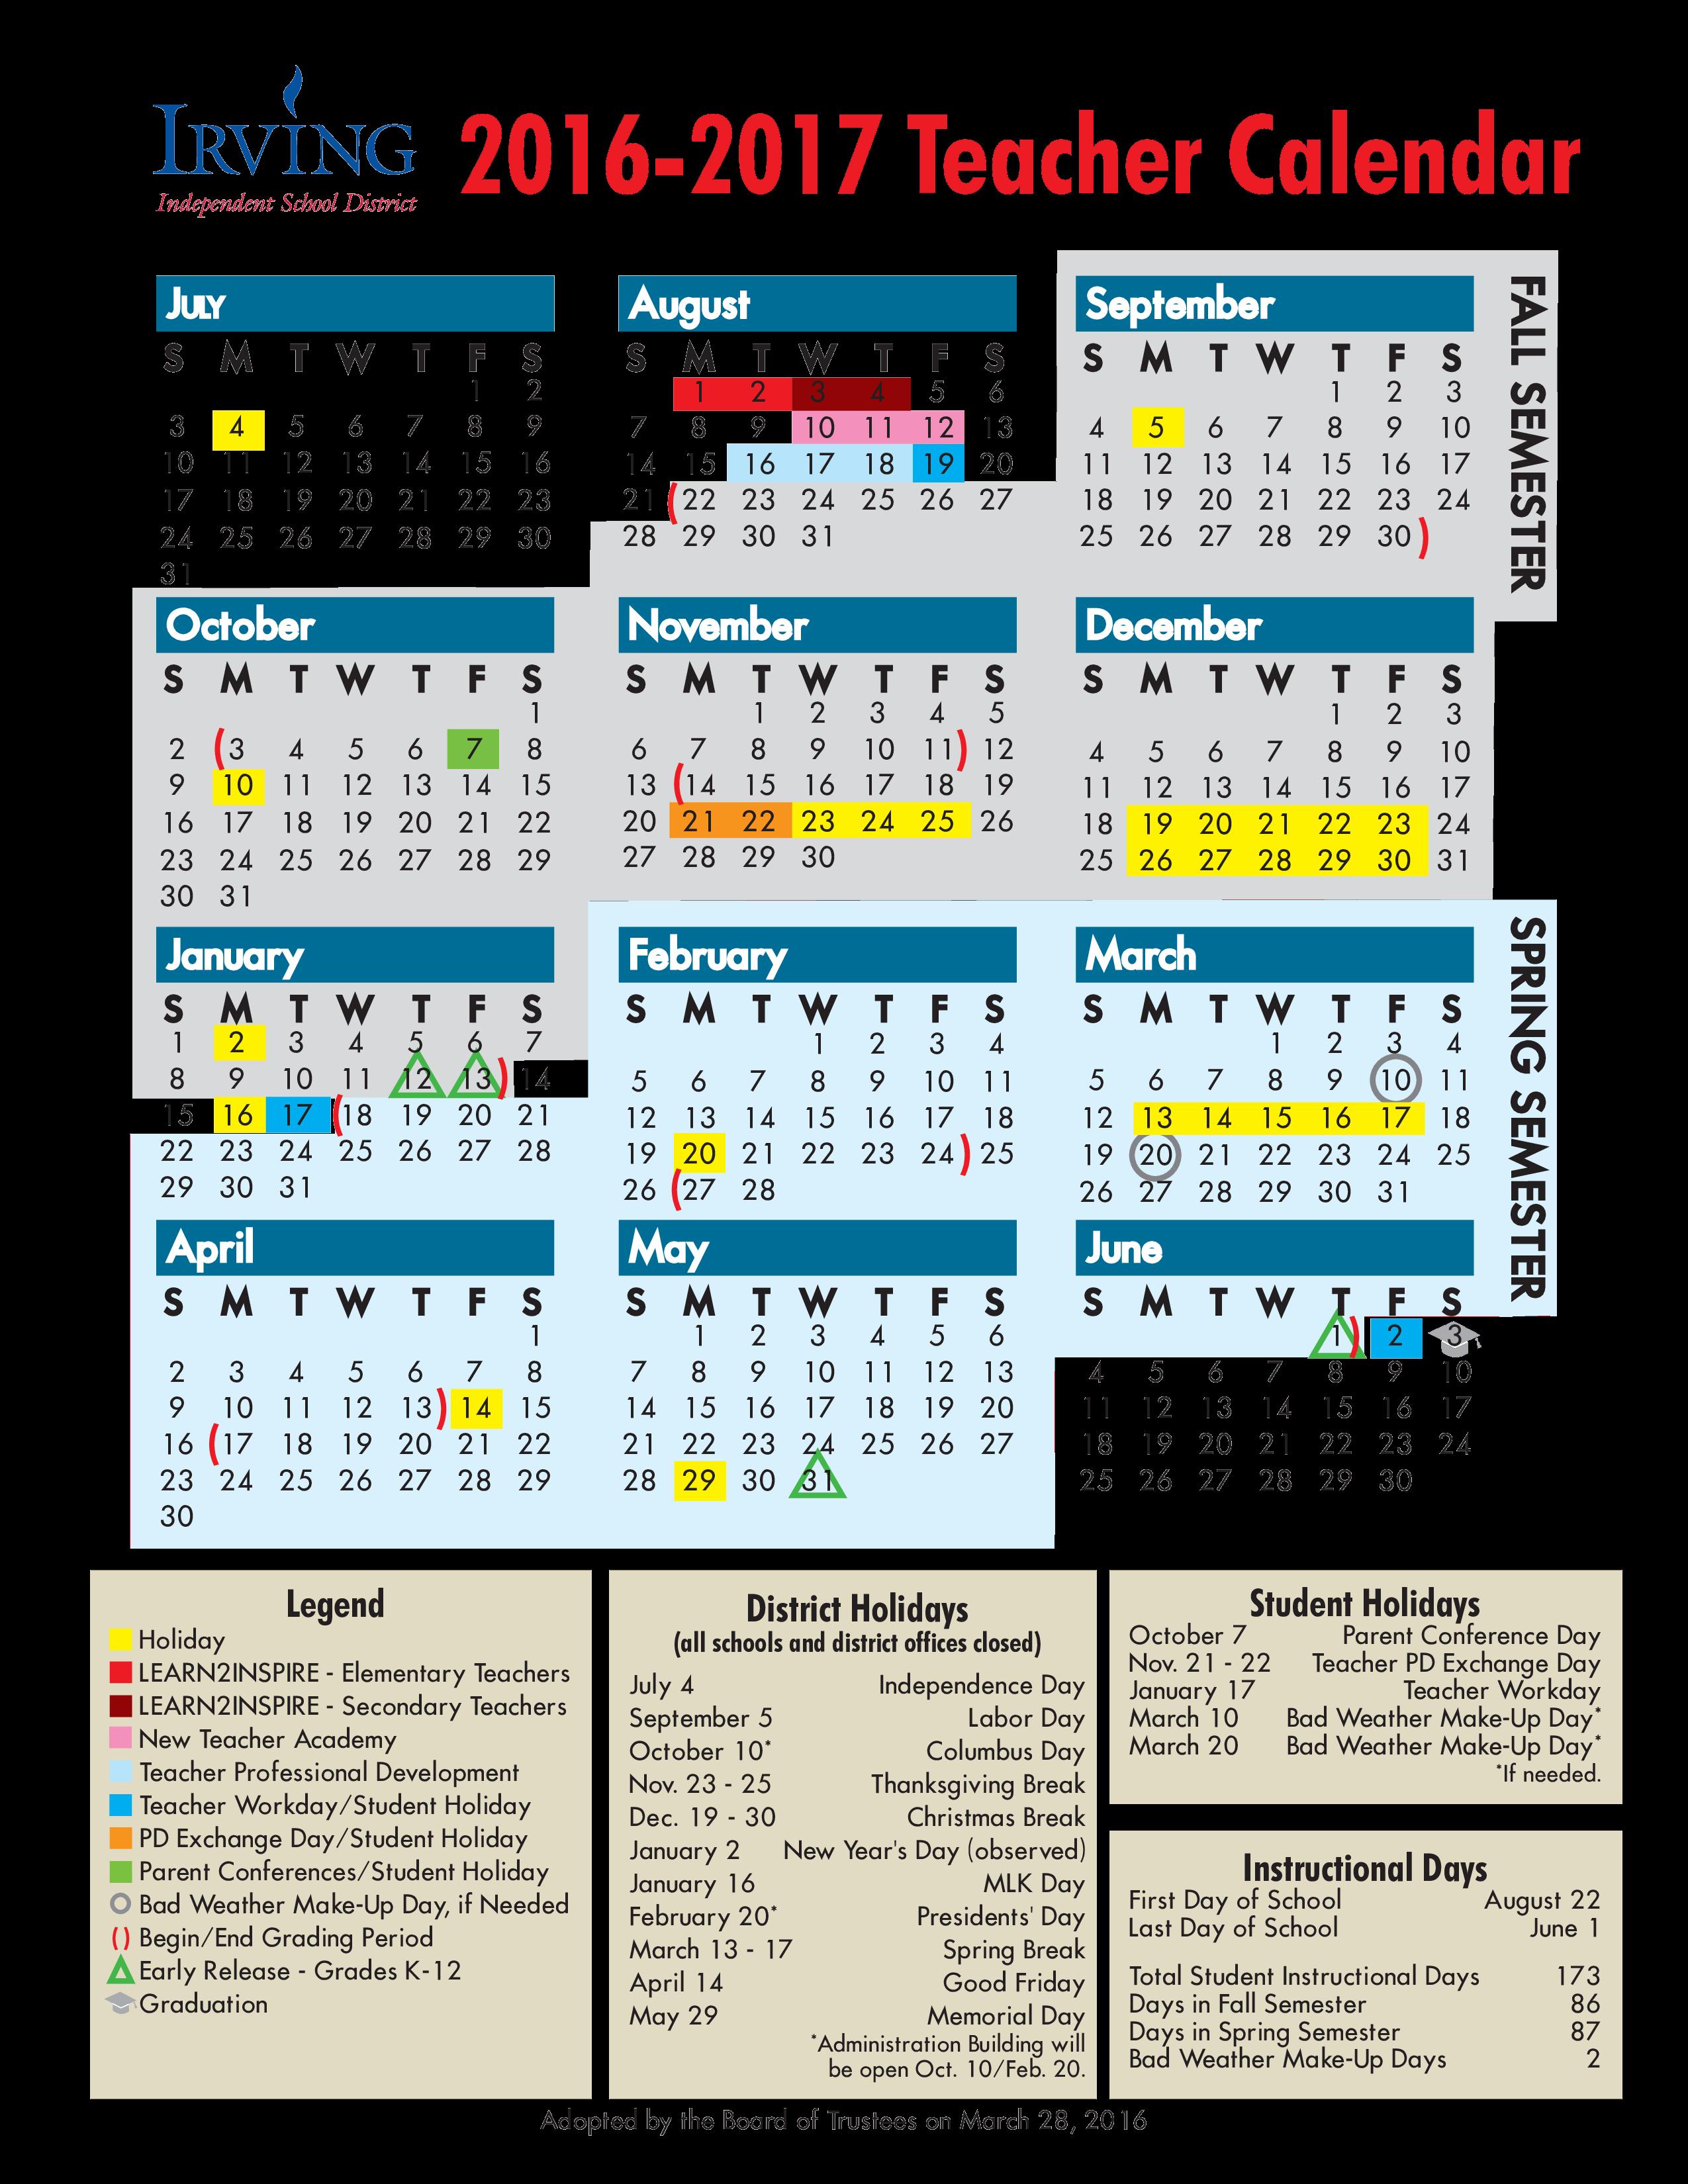 free teacher calendar templates at